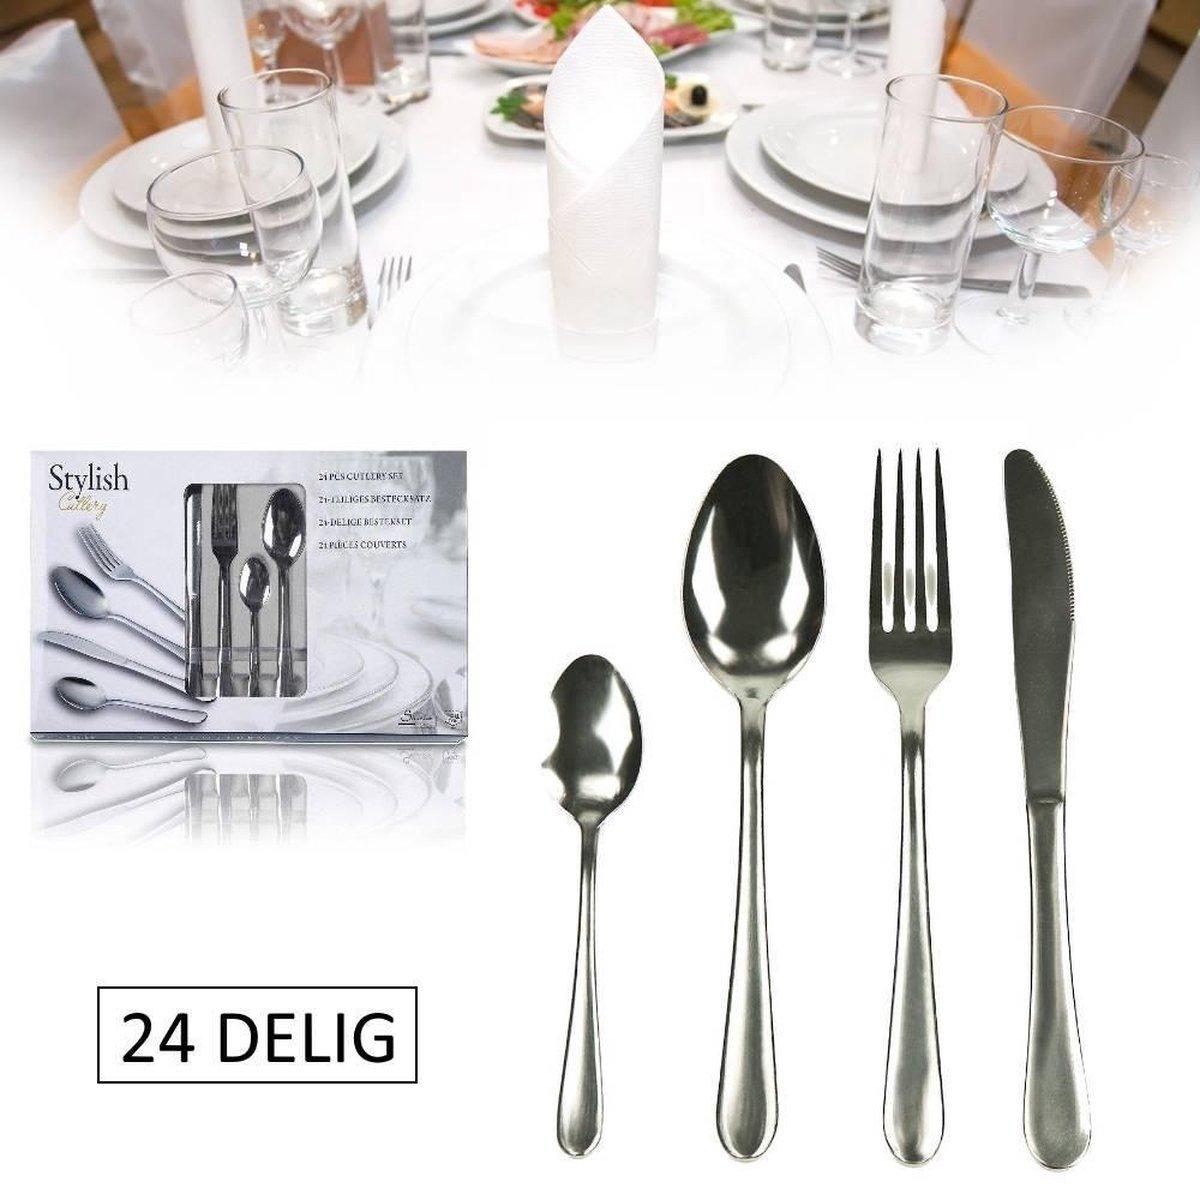 Bestekset Stylish Cutlery (24-delig) - Camping Bestek - Stylish Cutlery